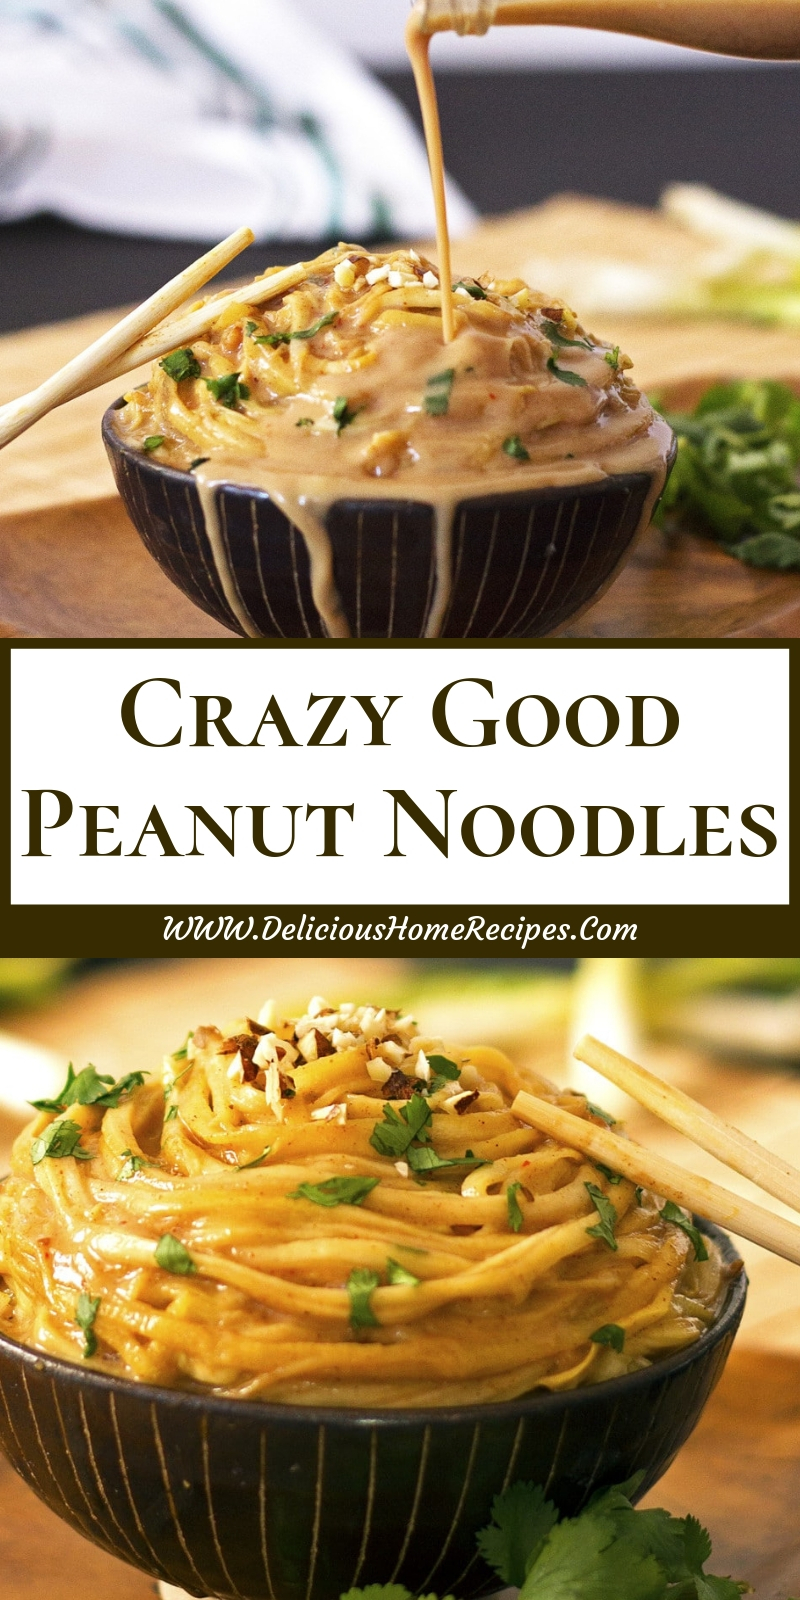 Crazy Good Peanut Noodles